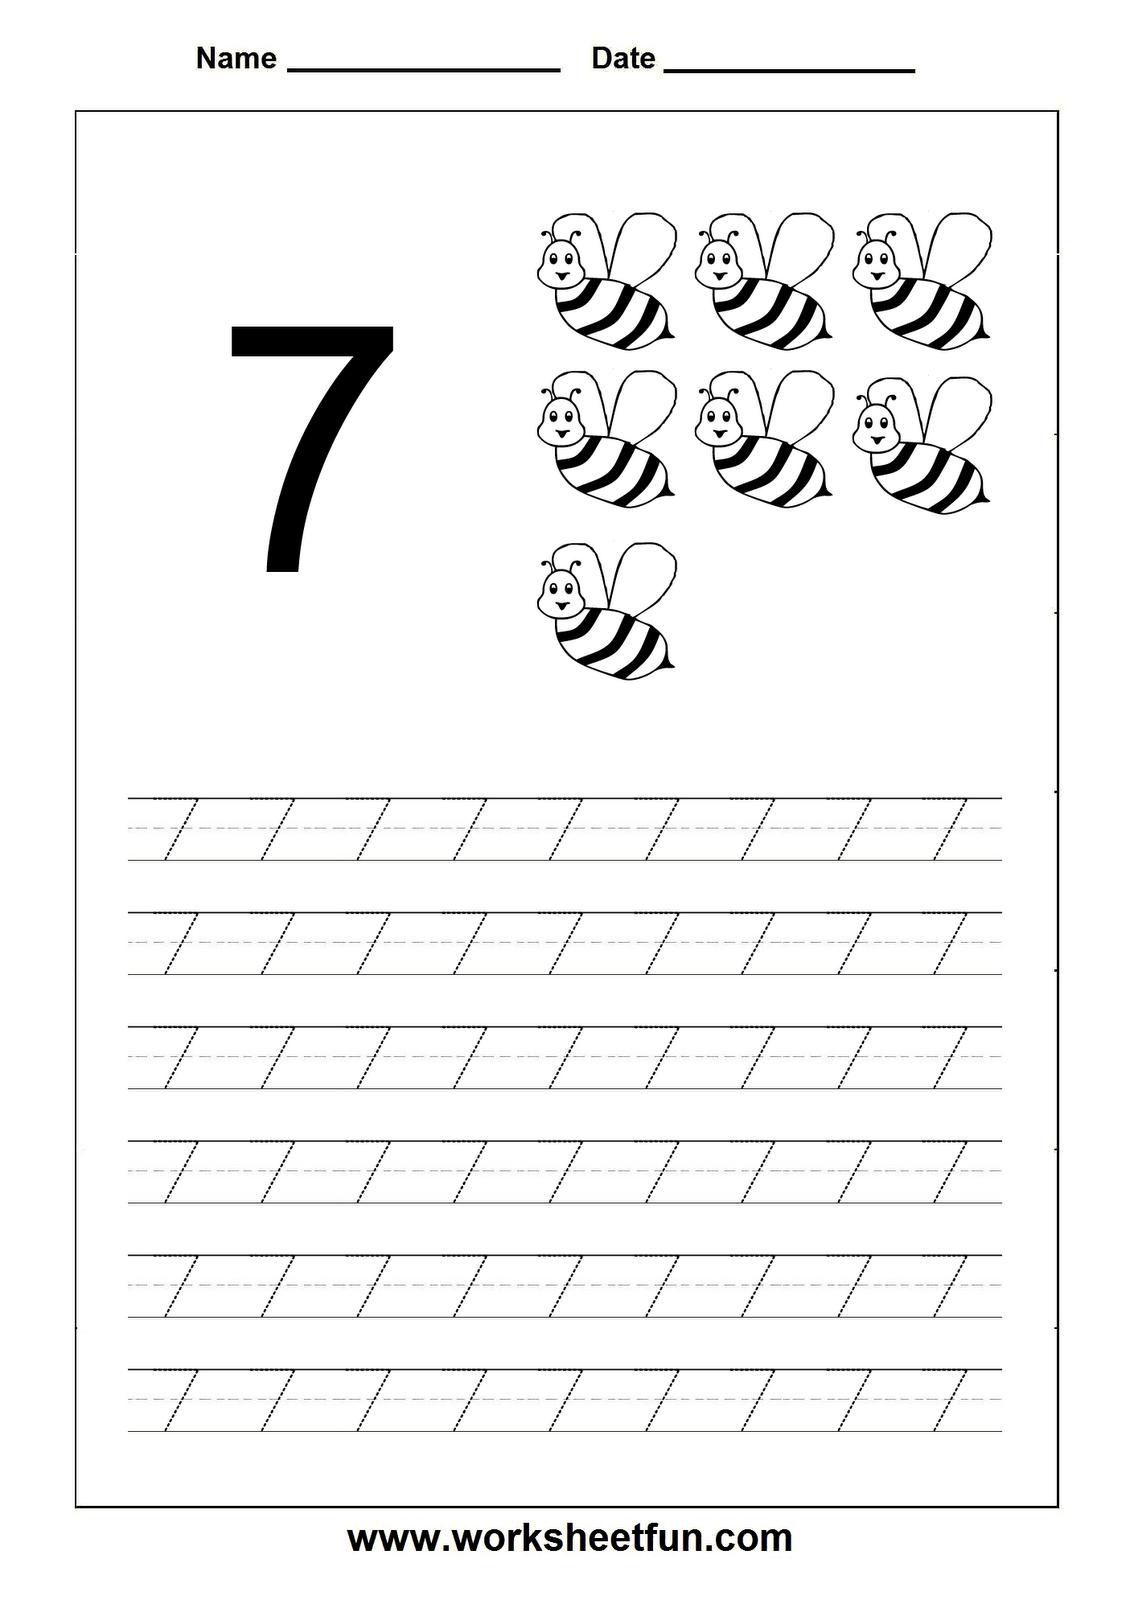 Number Tracing Worksheet - 7 | Numbers Preschool, Tracing